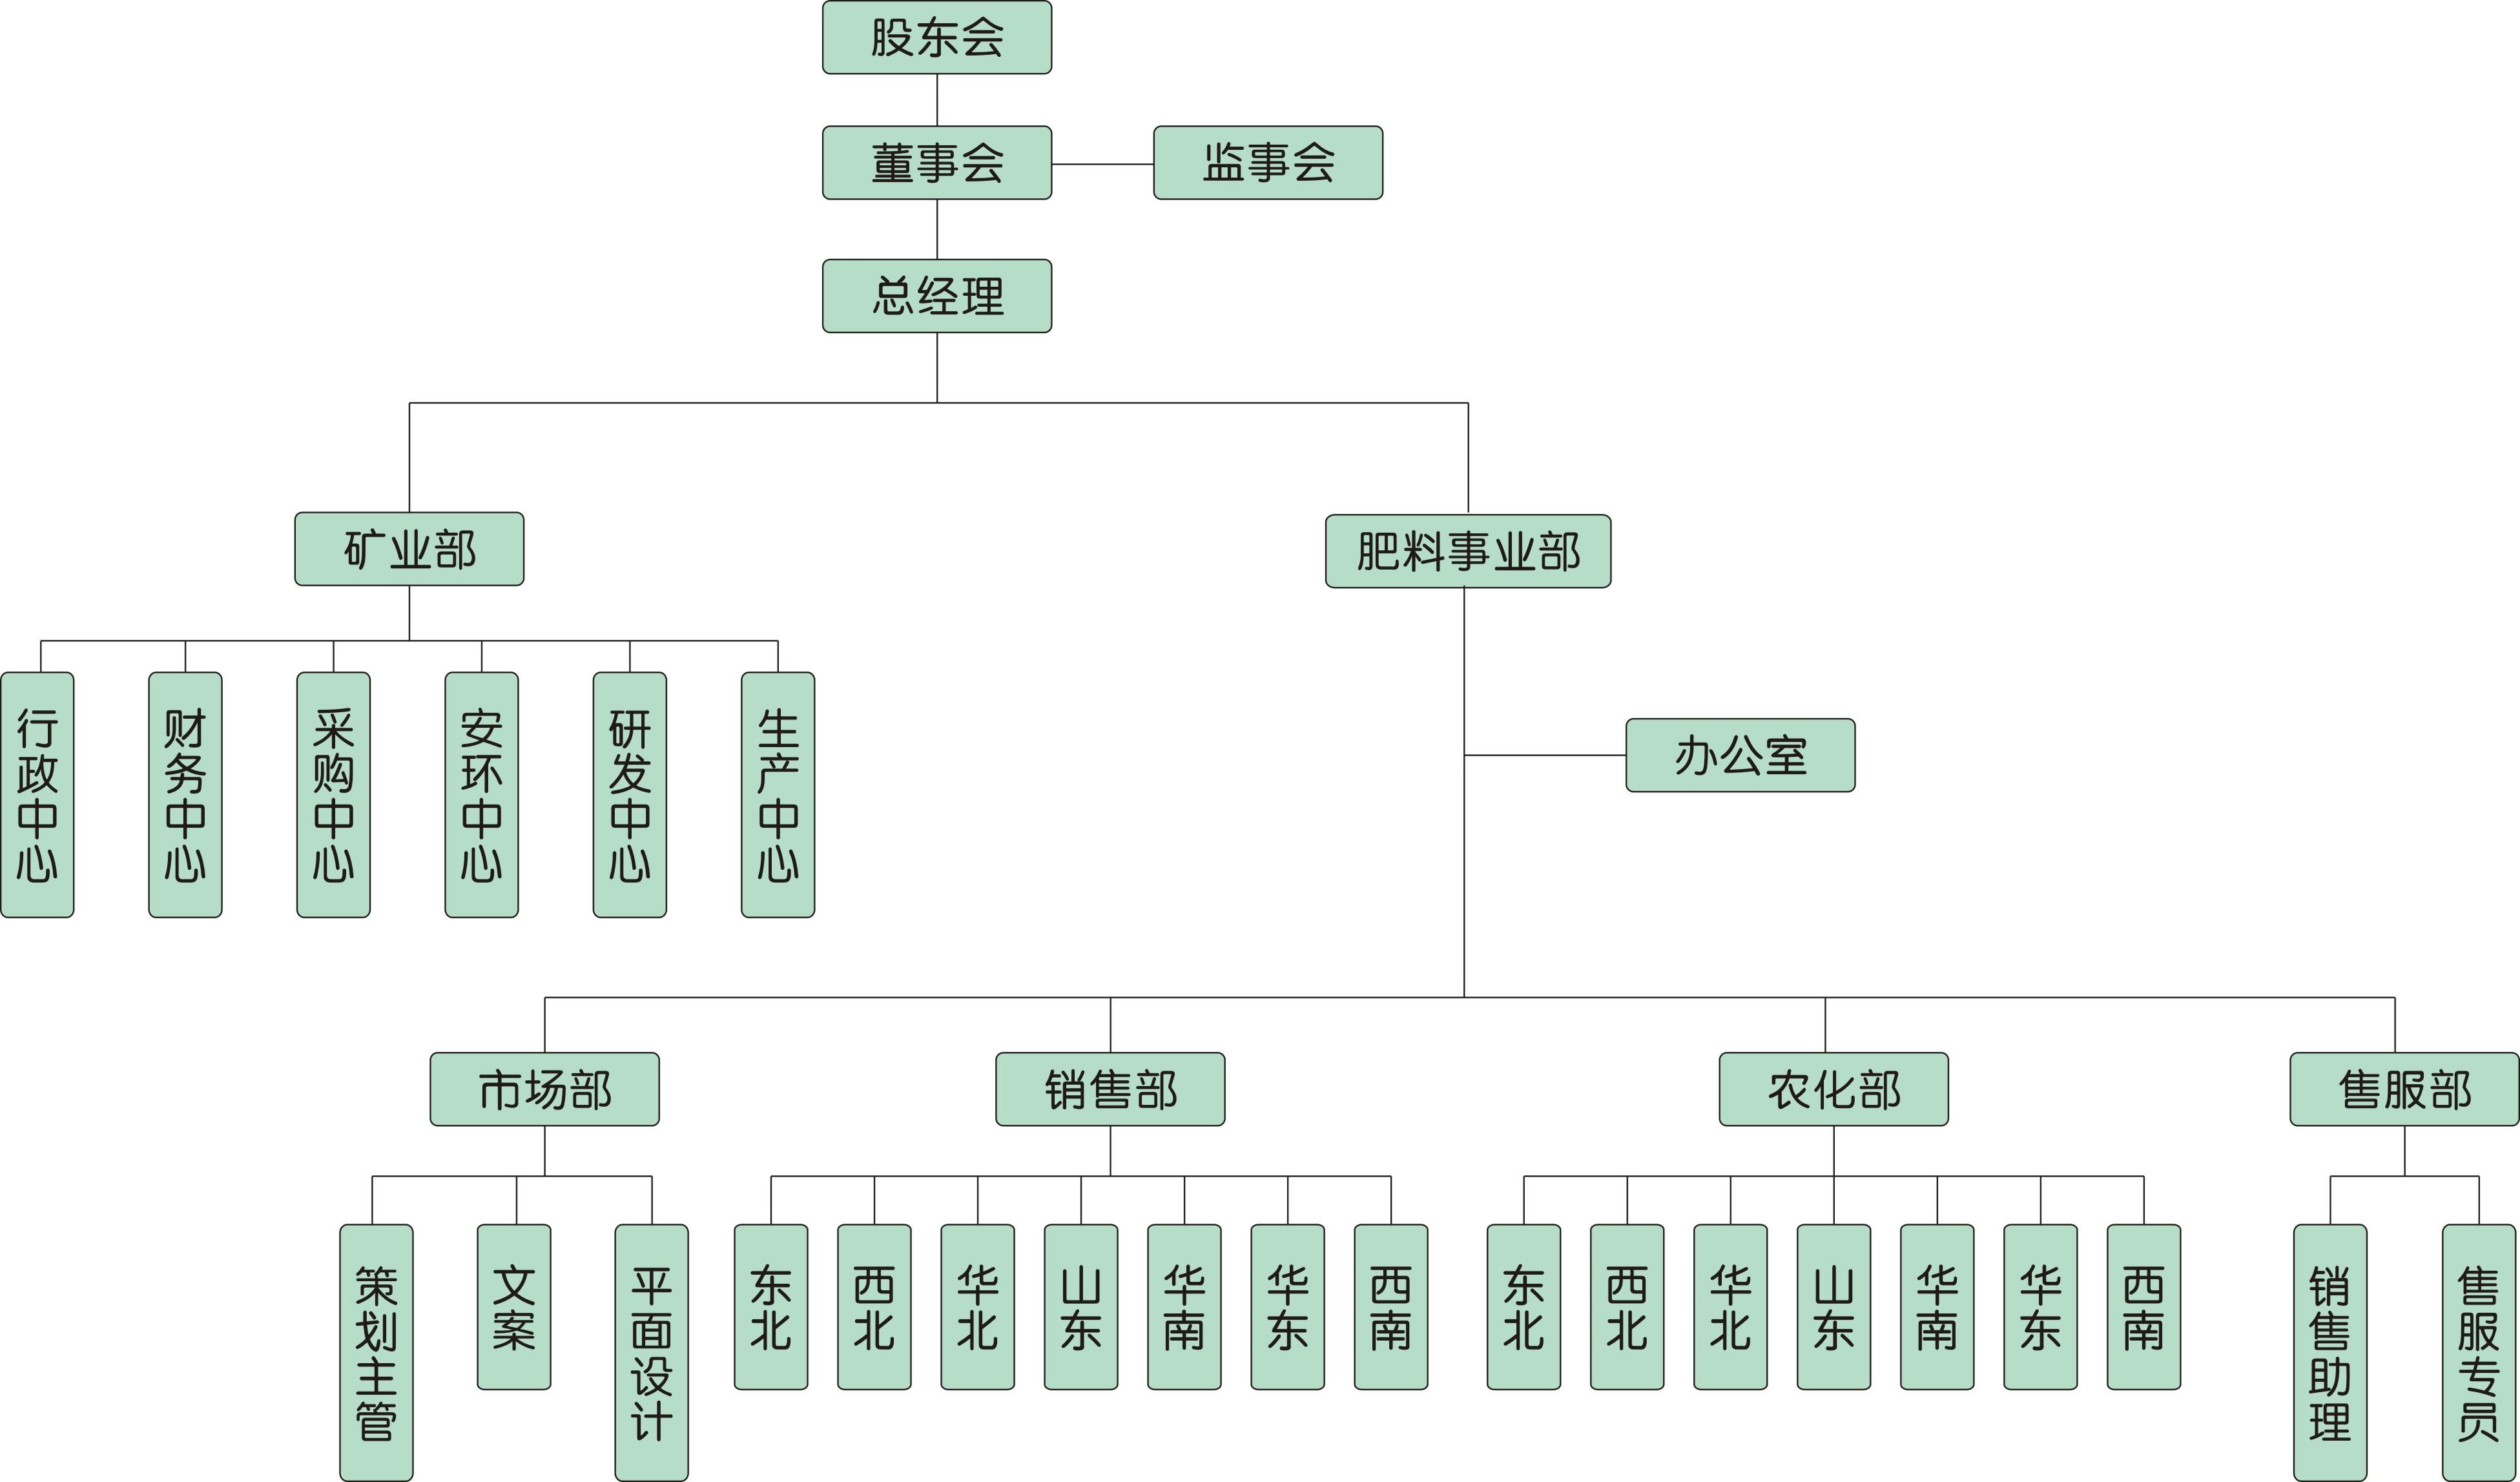 全國咨詢熱線 400-963-9369 about us 公司簡介 董事長致辭 組織架構圖片